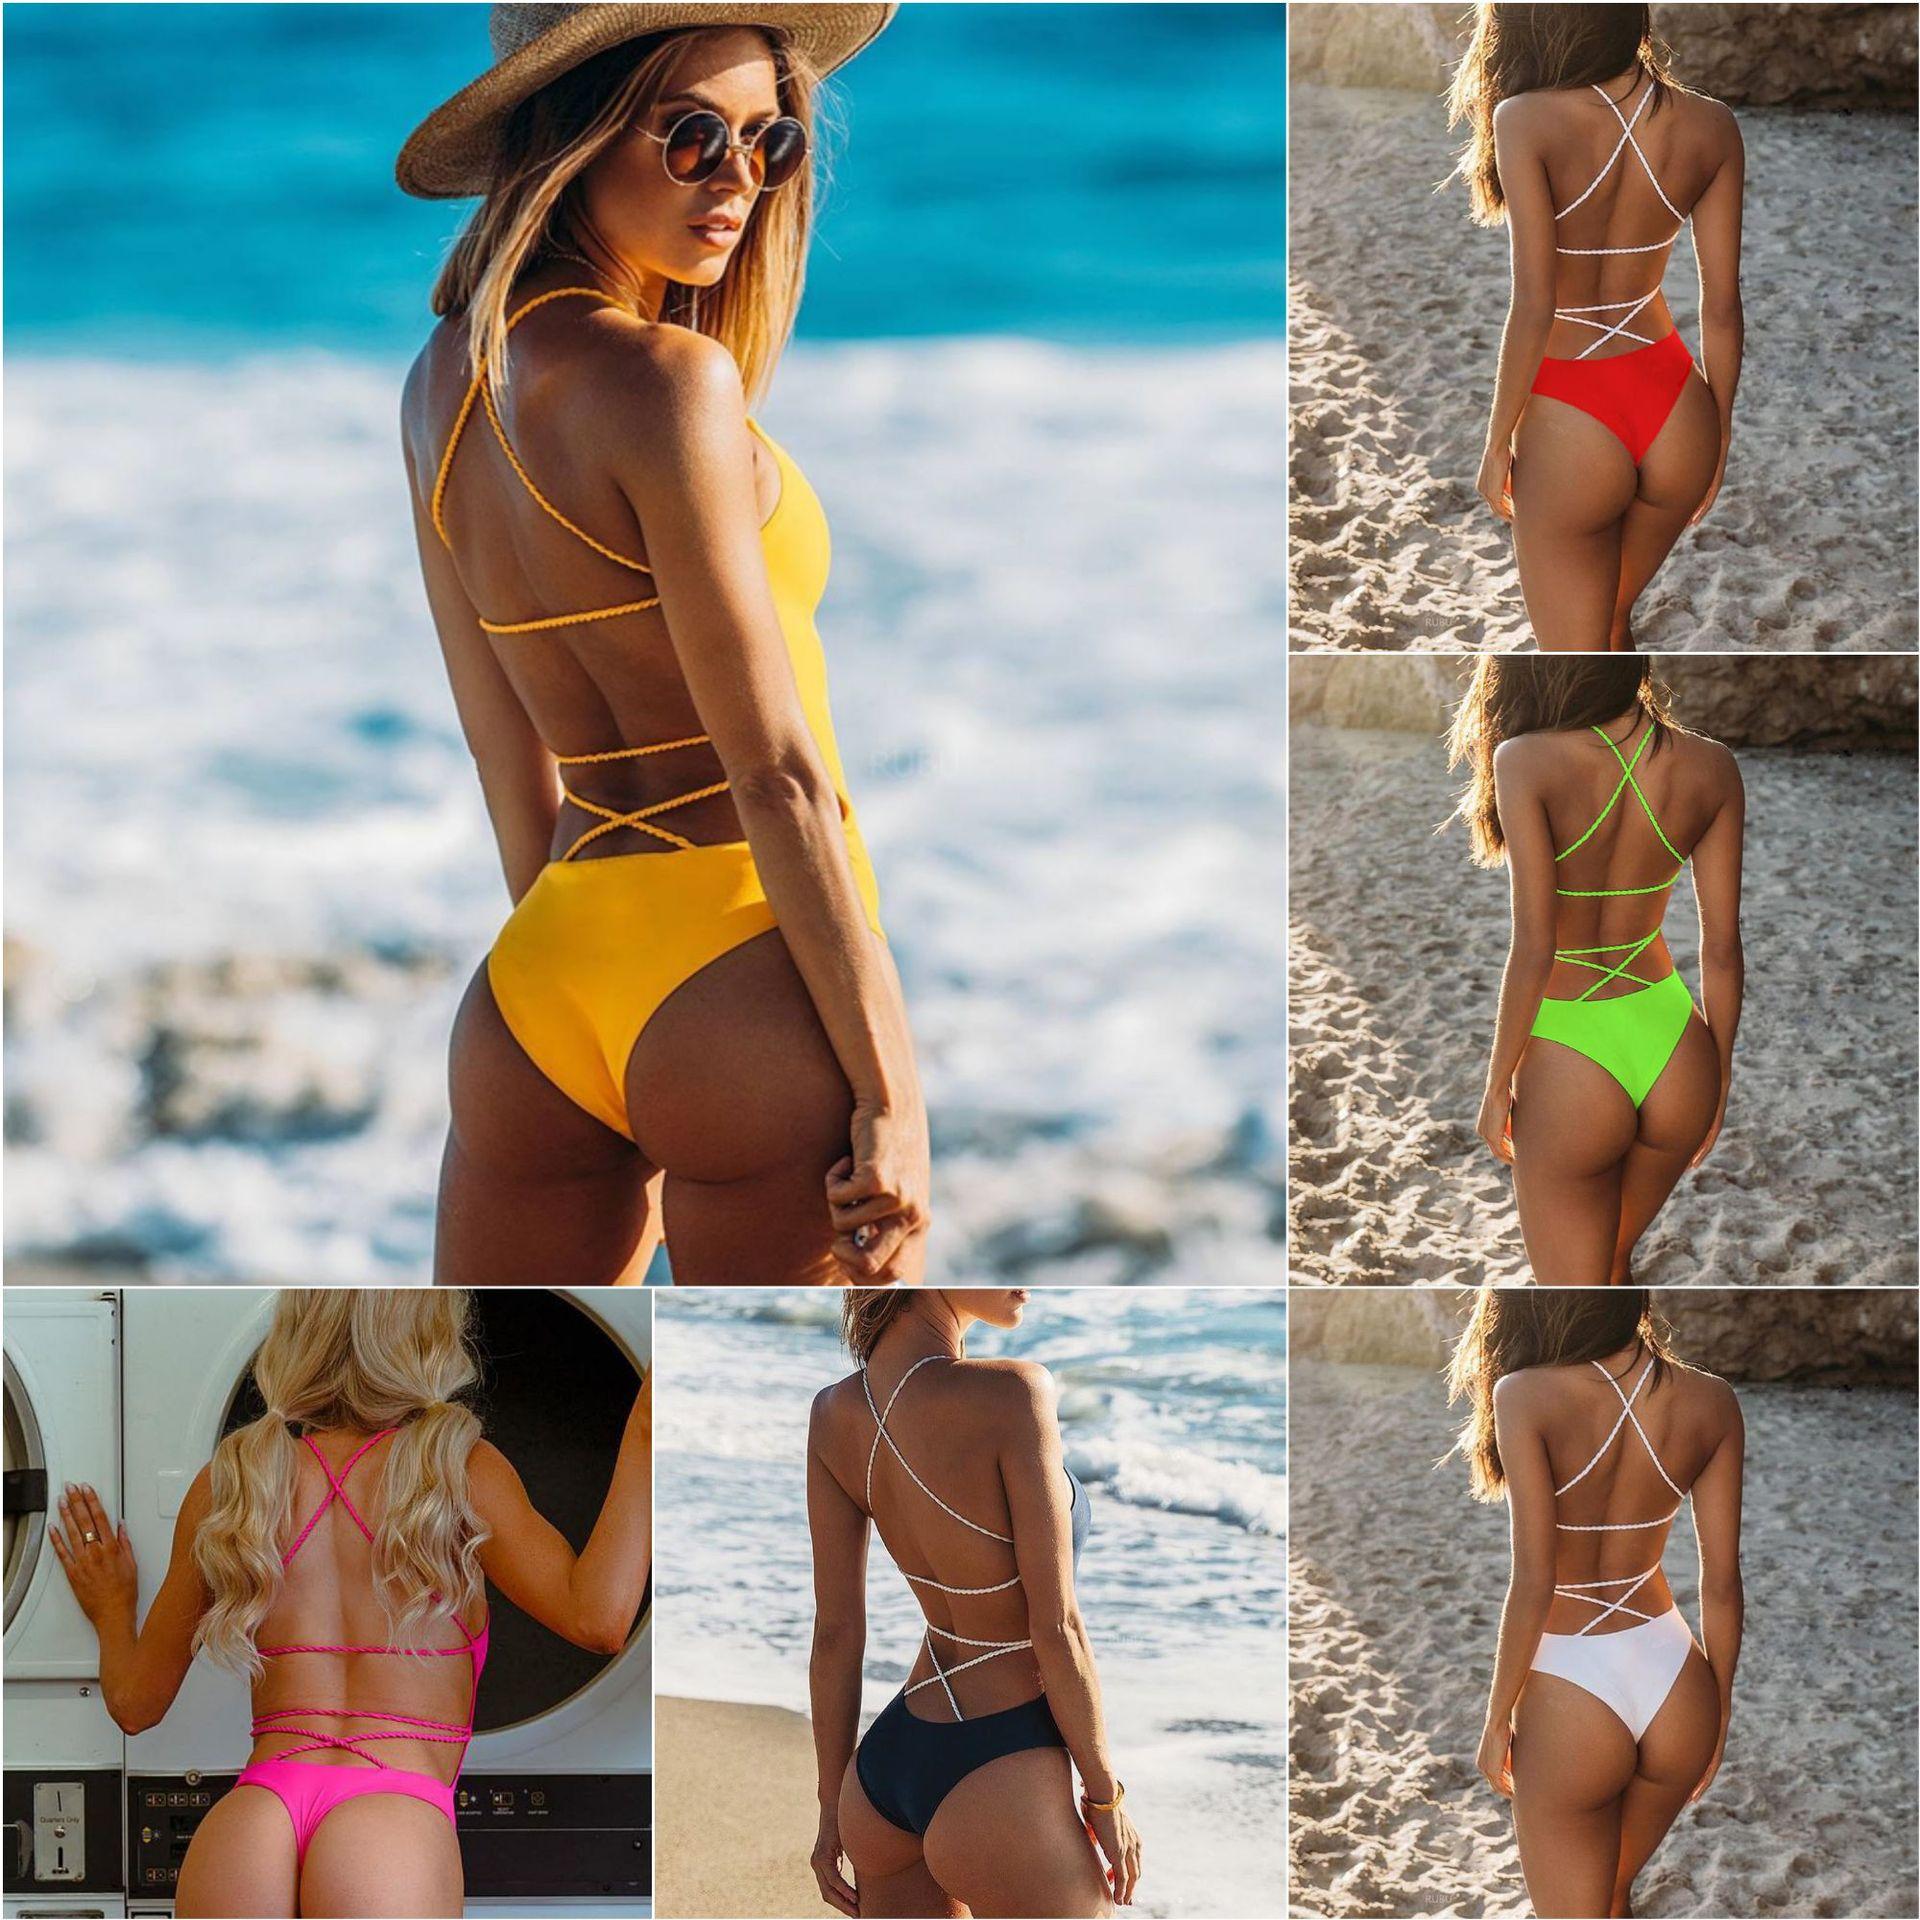 Новинка 2020, Женский однотонный купальник, сексуальный цельный купальный костюм, купальный костюм с открытой спиной, боди, пляжная одежда, мо...